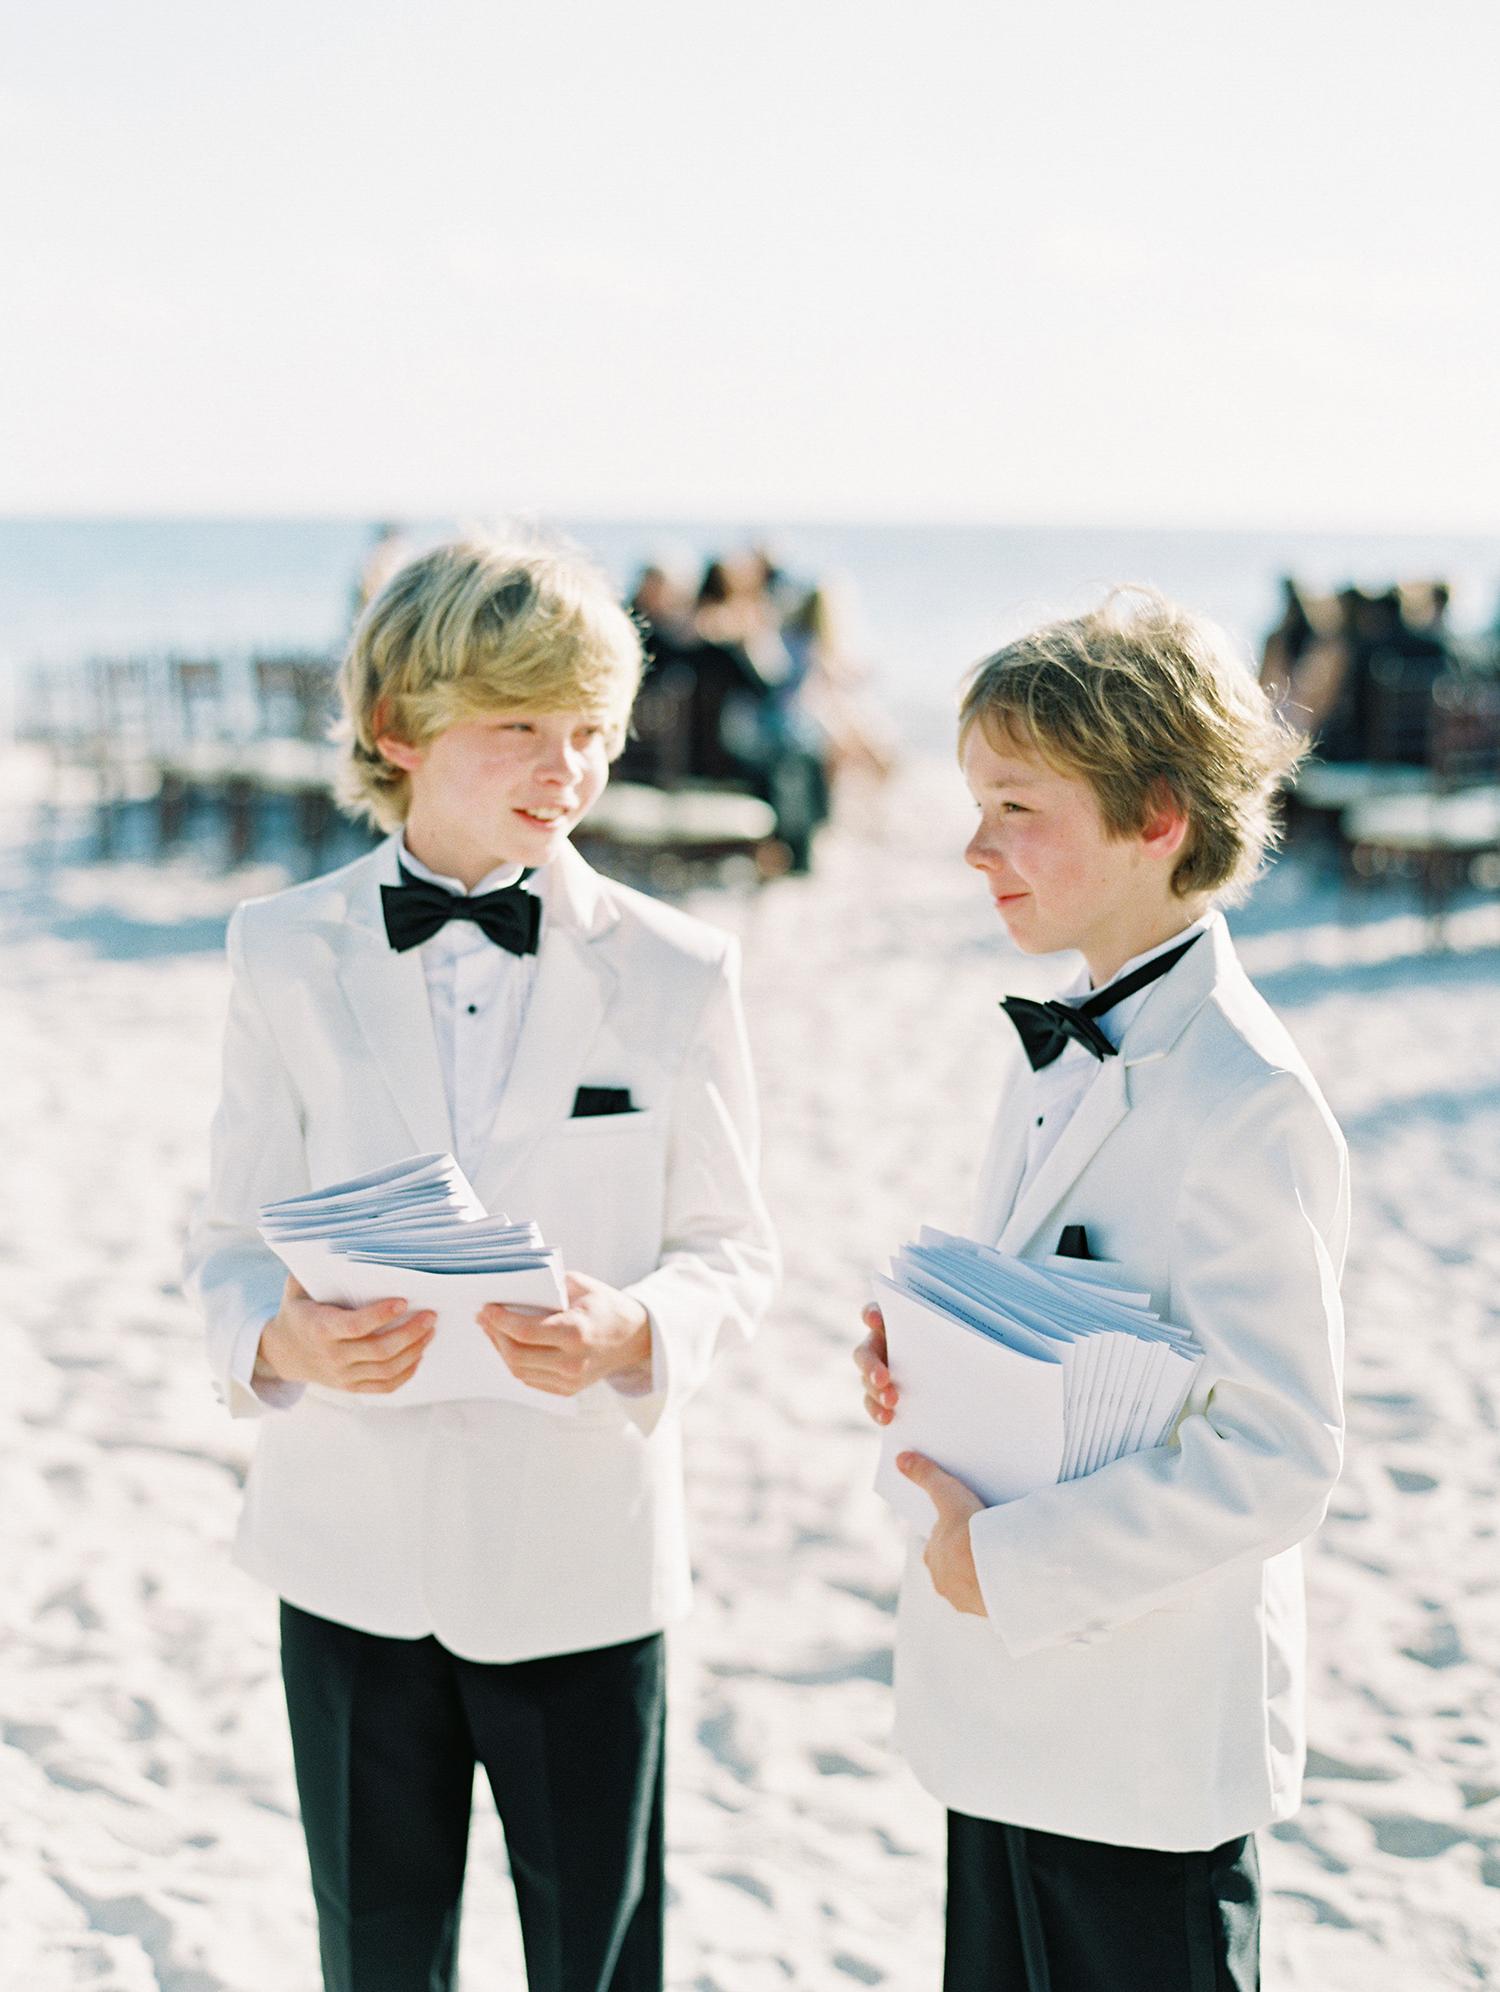 beth john wedding young ushers